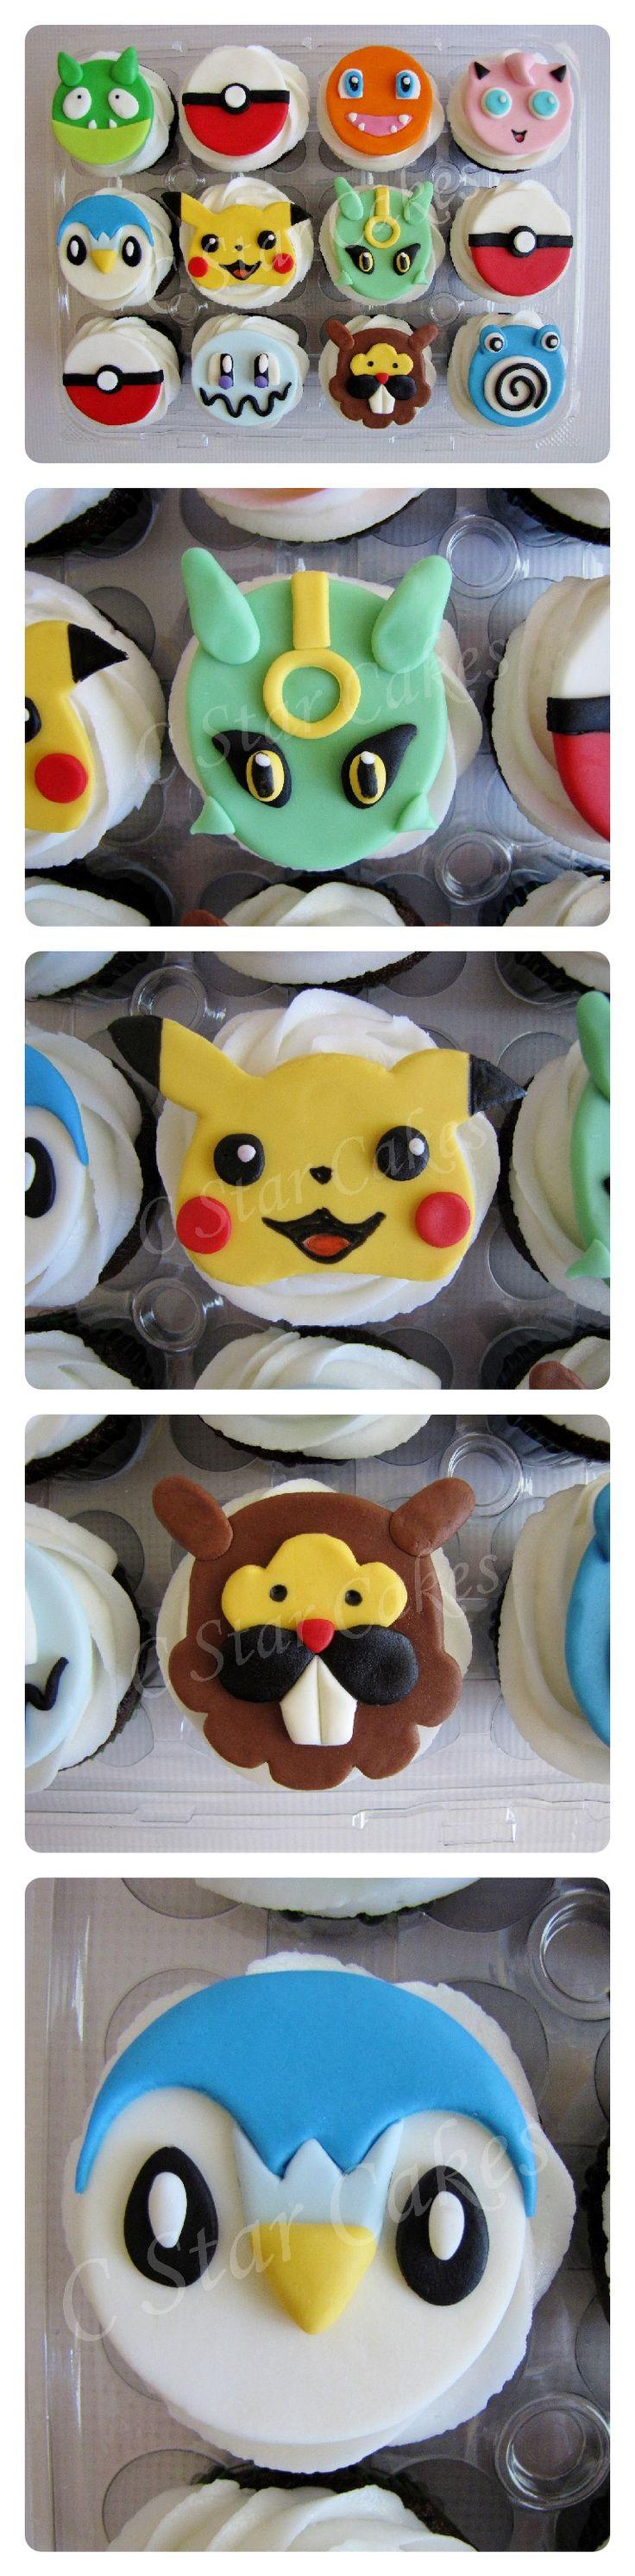 Pokémon cupcakes by C Star Cakes #cstarcakes #pokemon